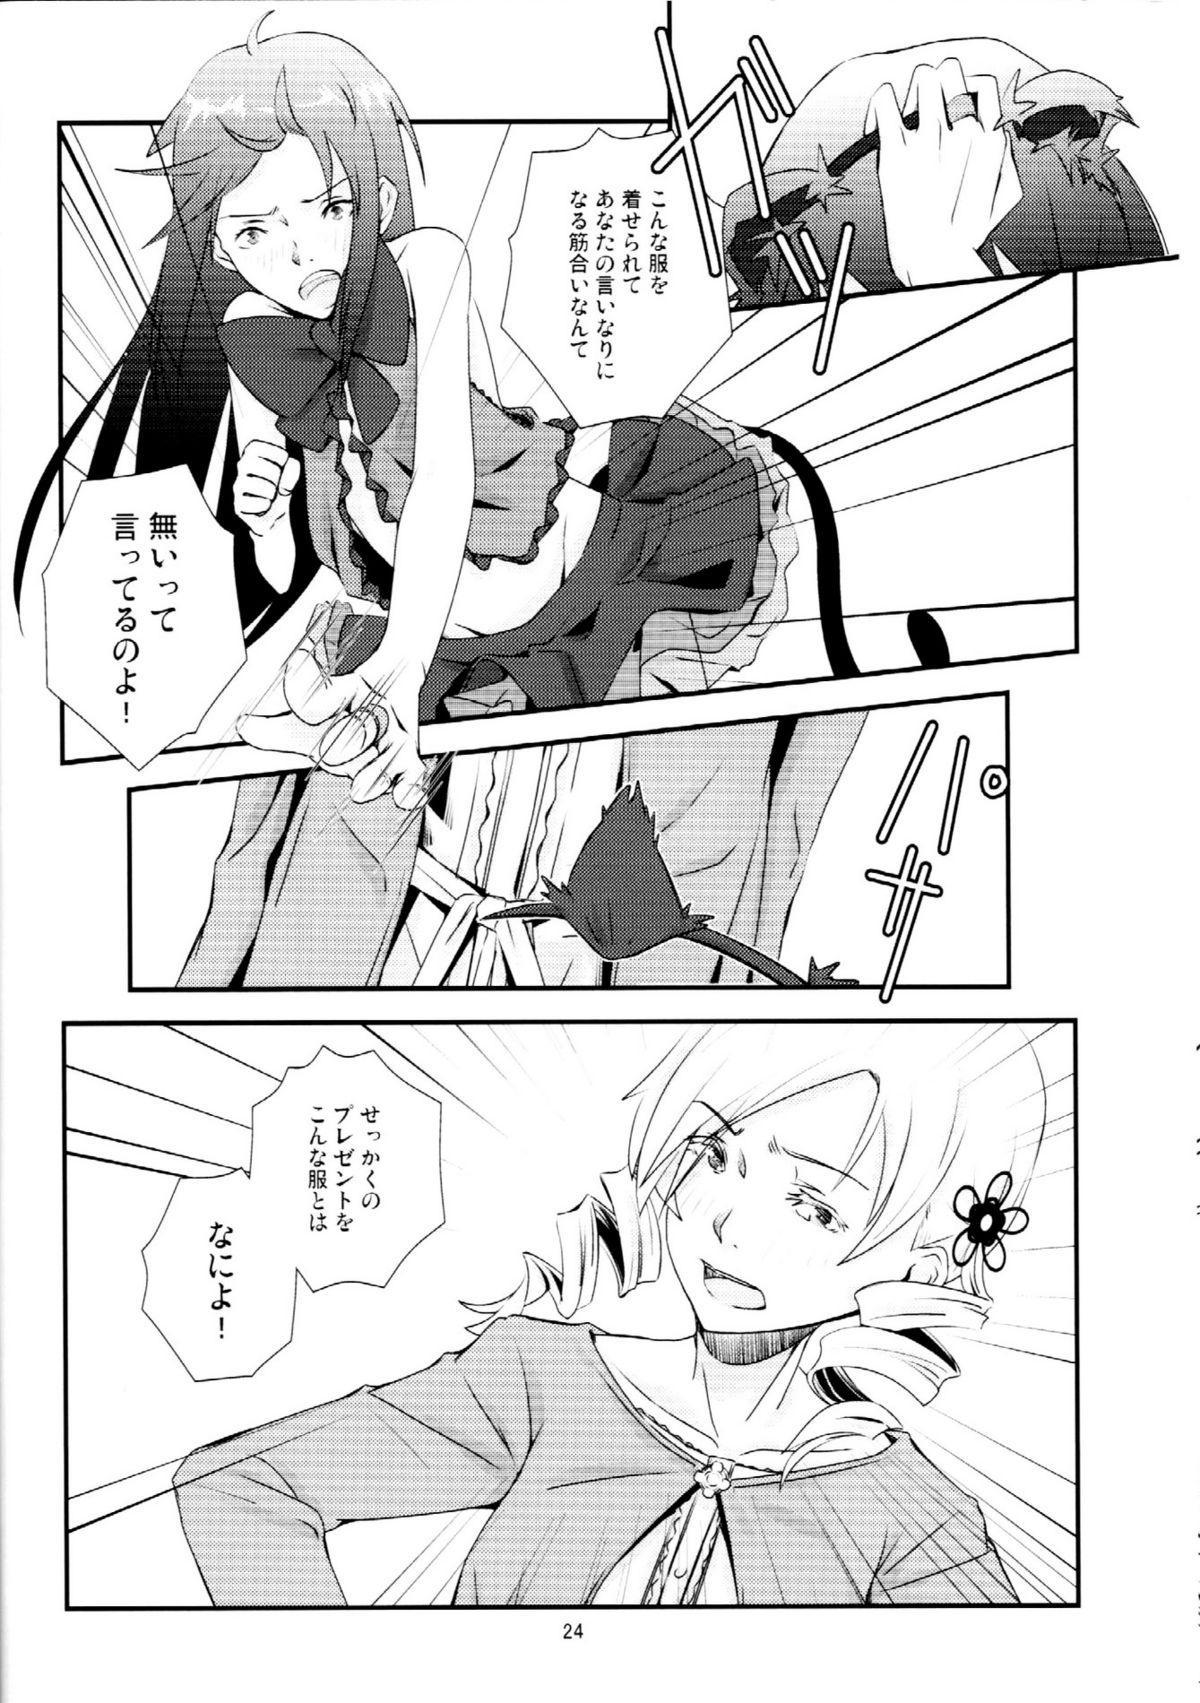 Kuroneko to Shoujo 22